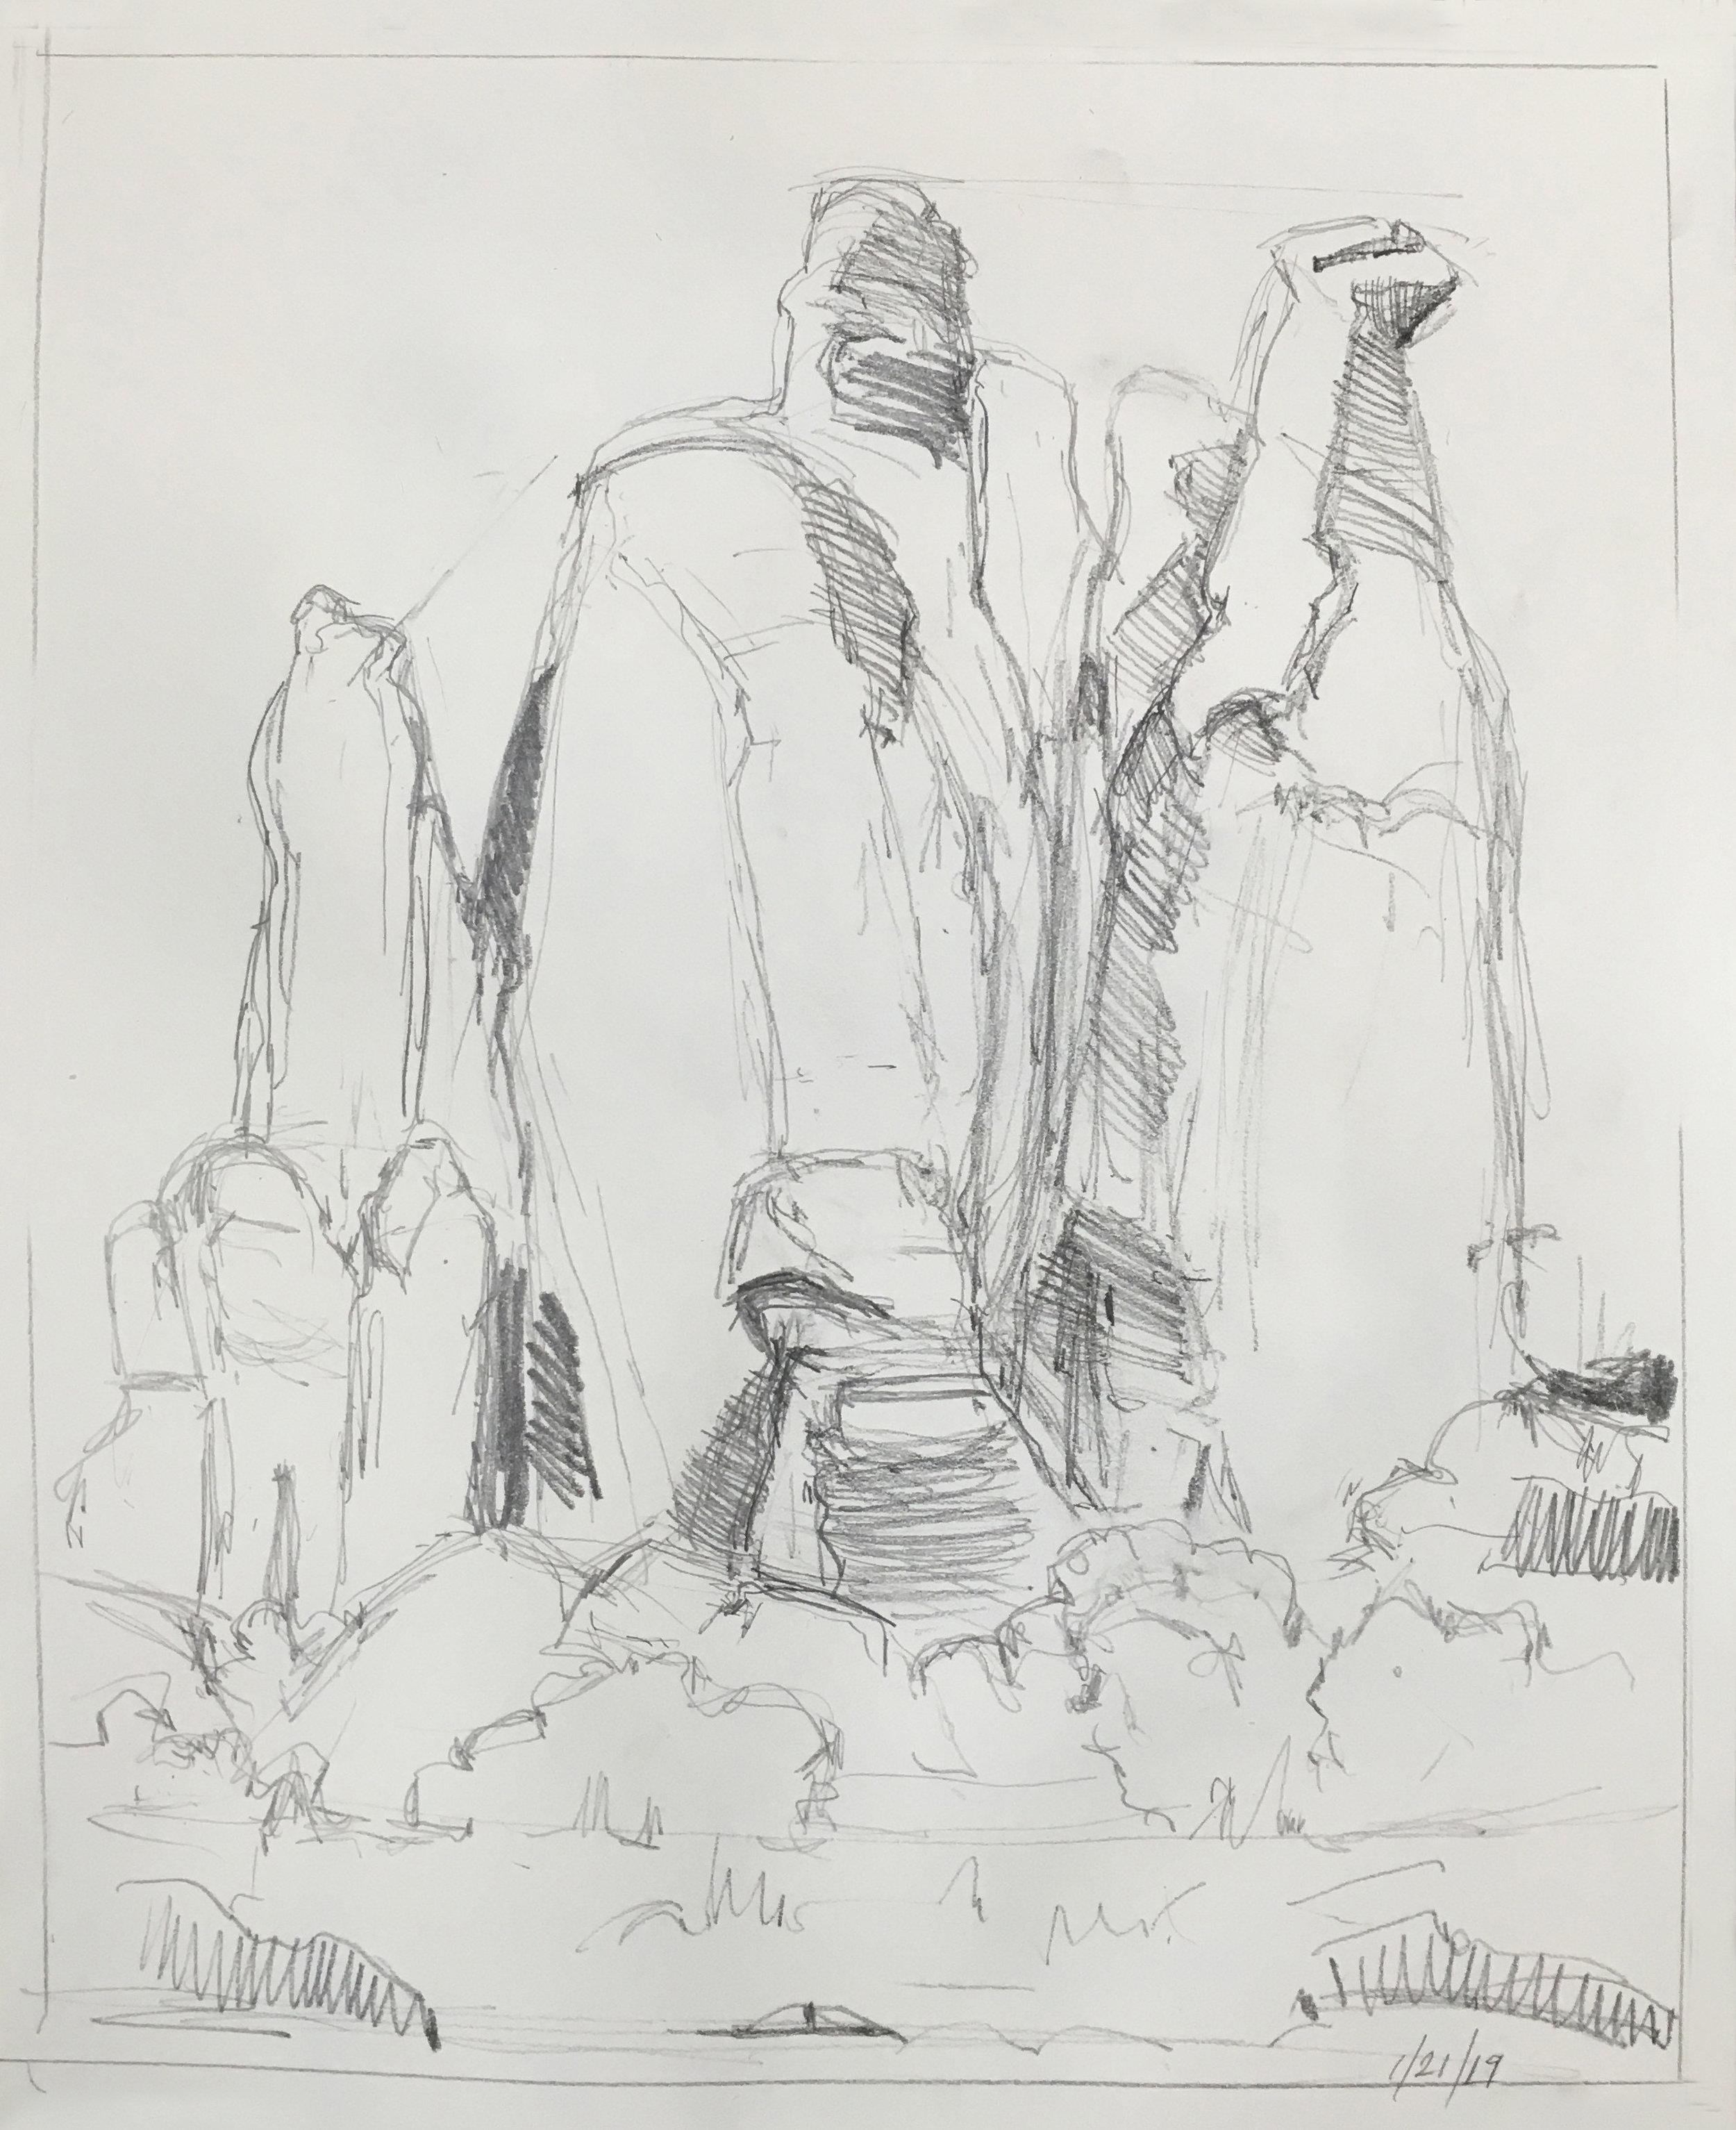 Arches Sketch,  graphite, 14 x 11 in., 2019